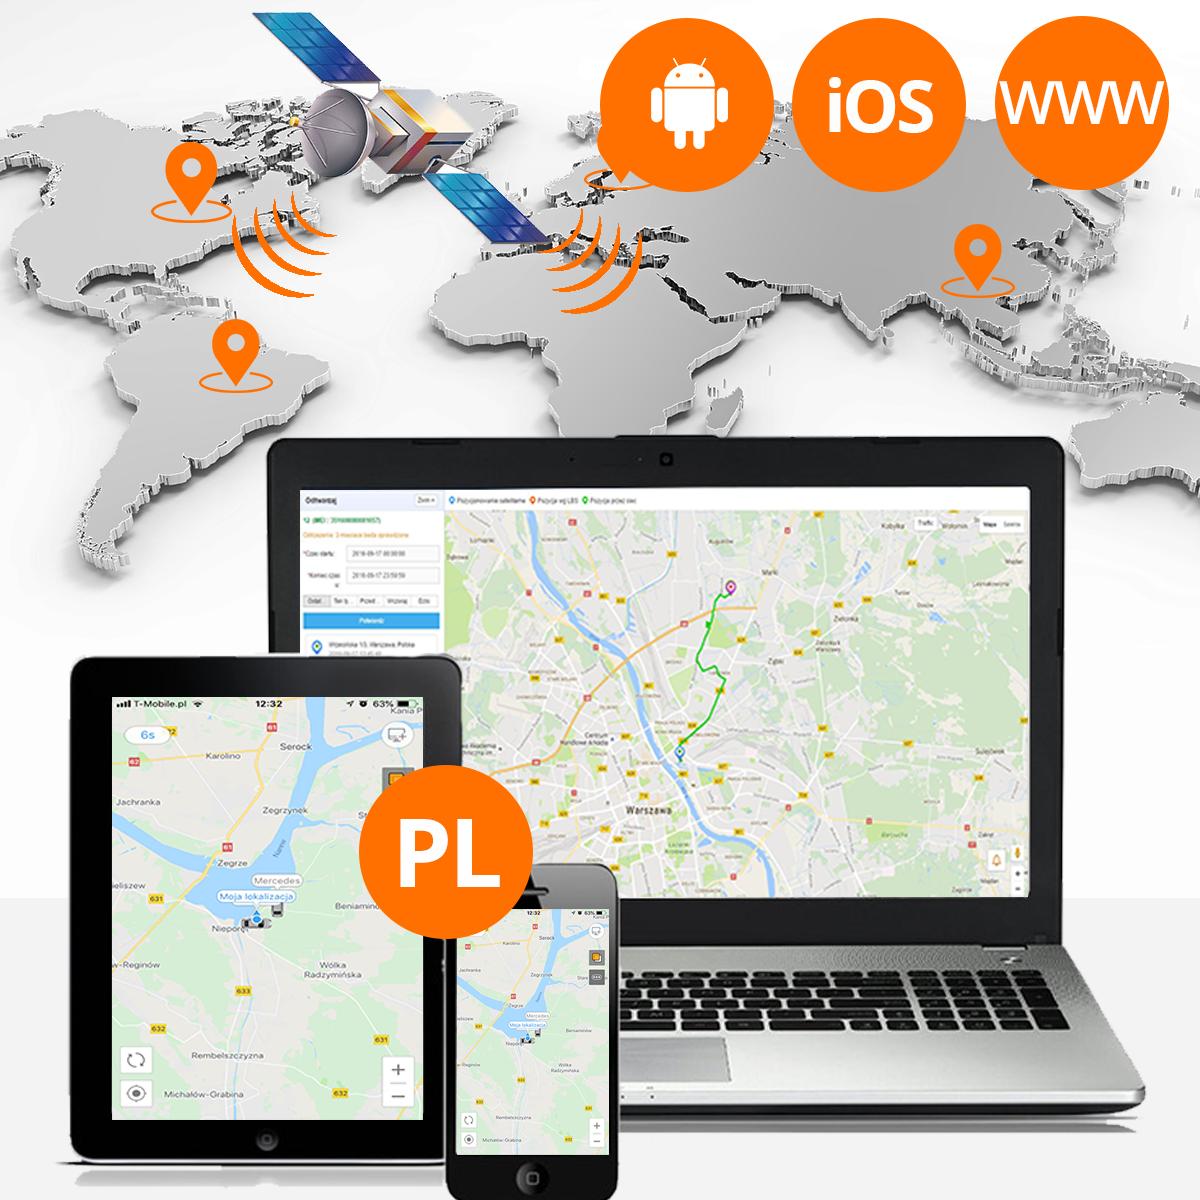 Lokalizator GPS samochodowy WWW orllo.pl